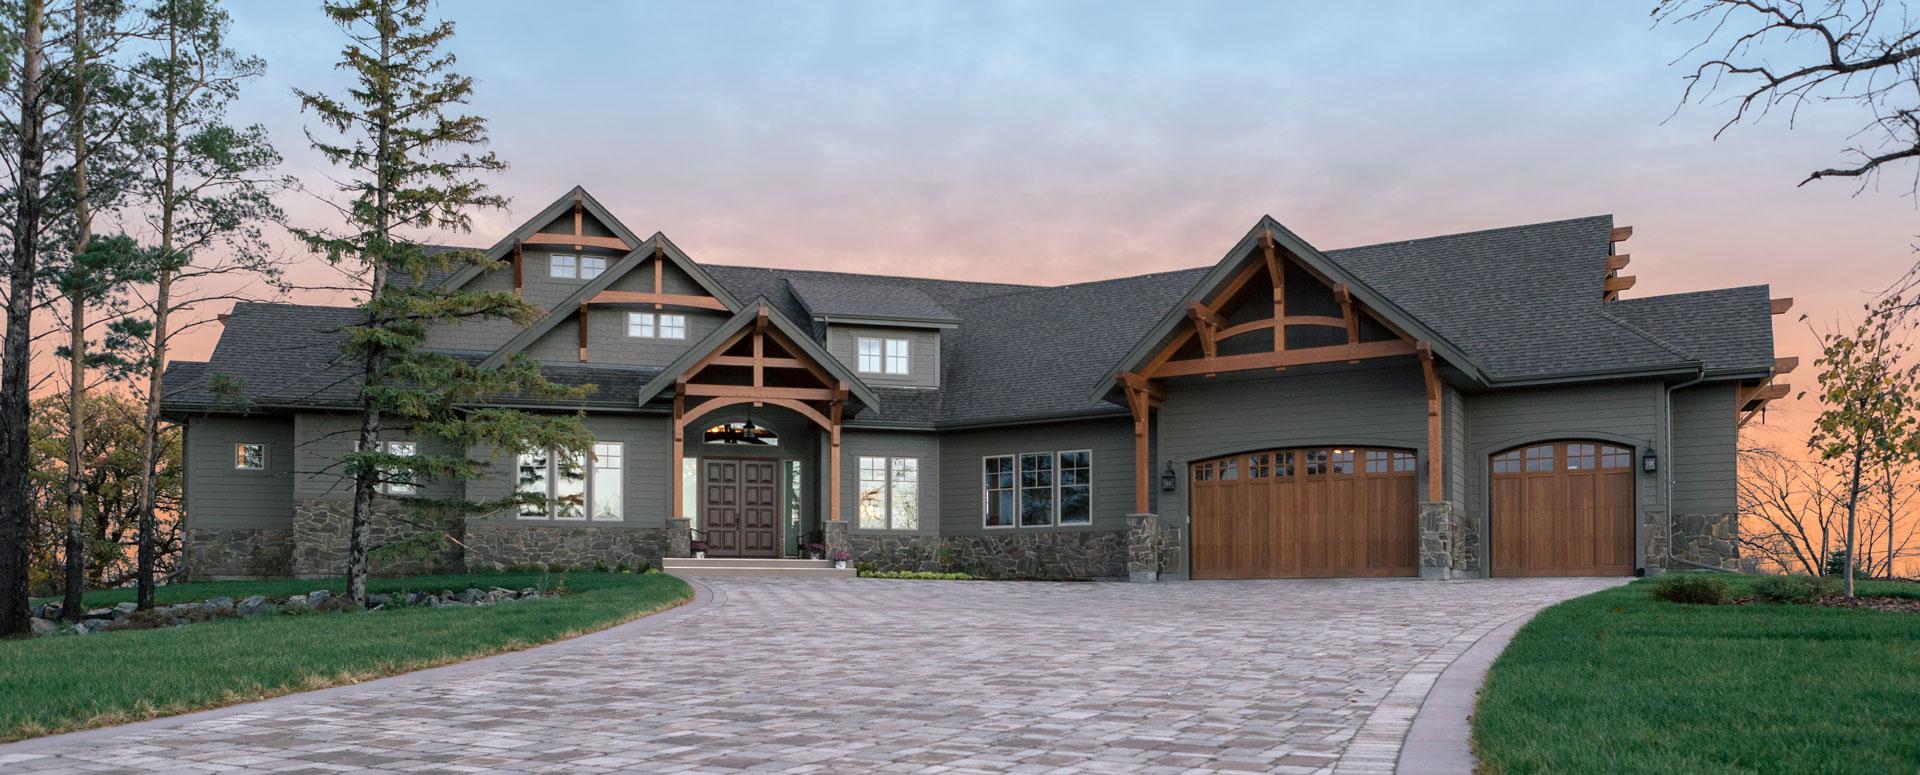 House on the Assiniboine